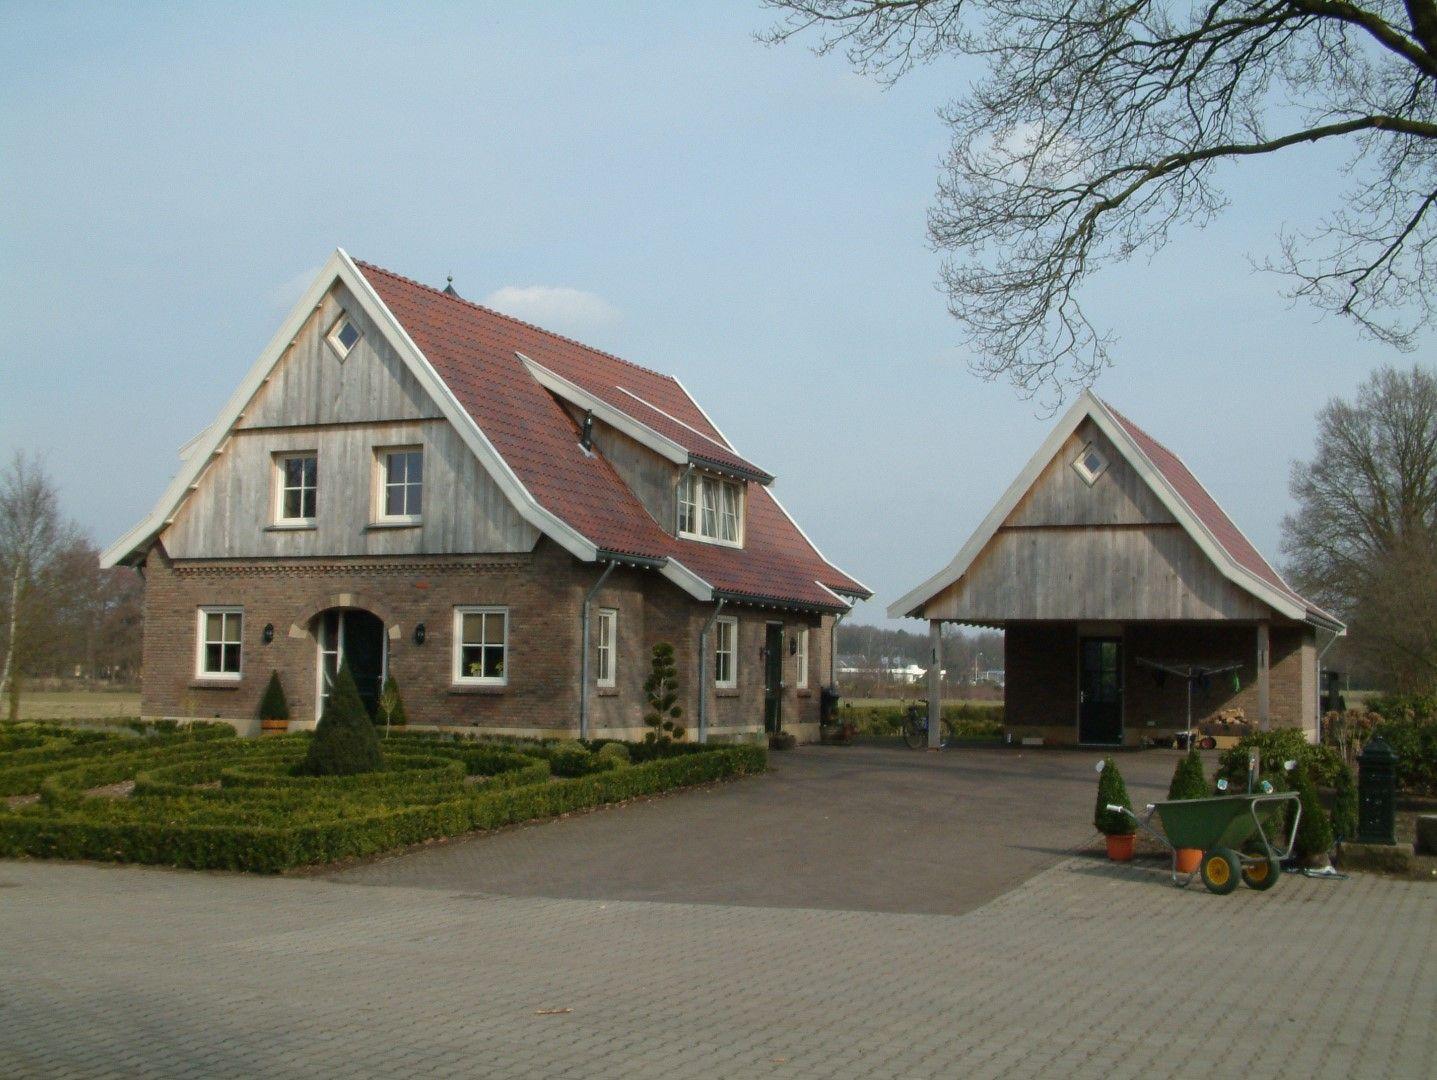 Foto nummer 2 vrijstaande in saksische stijl opgetrokken woning gebouwd in de lutte - Gevels van hedendaagse huizen ...